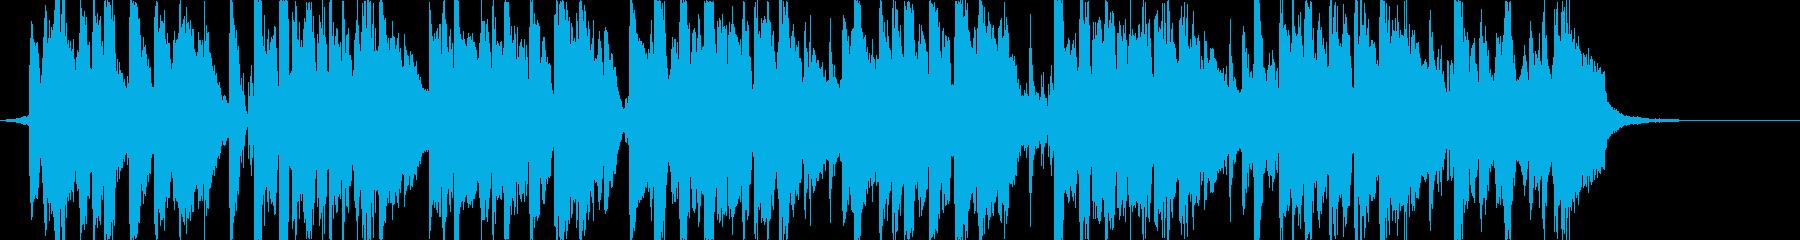 ティーン ポップ テクノ モダン ...の再生済みの波形